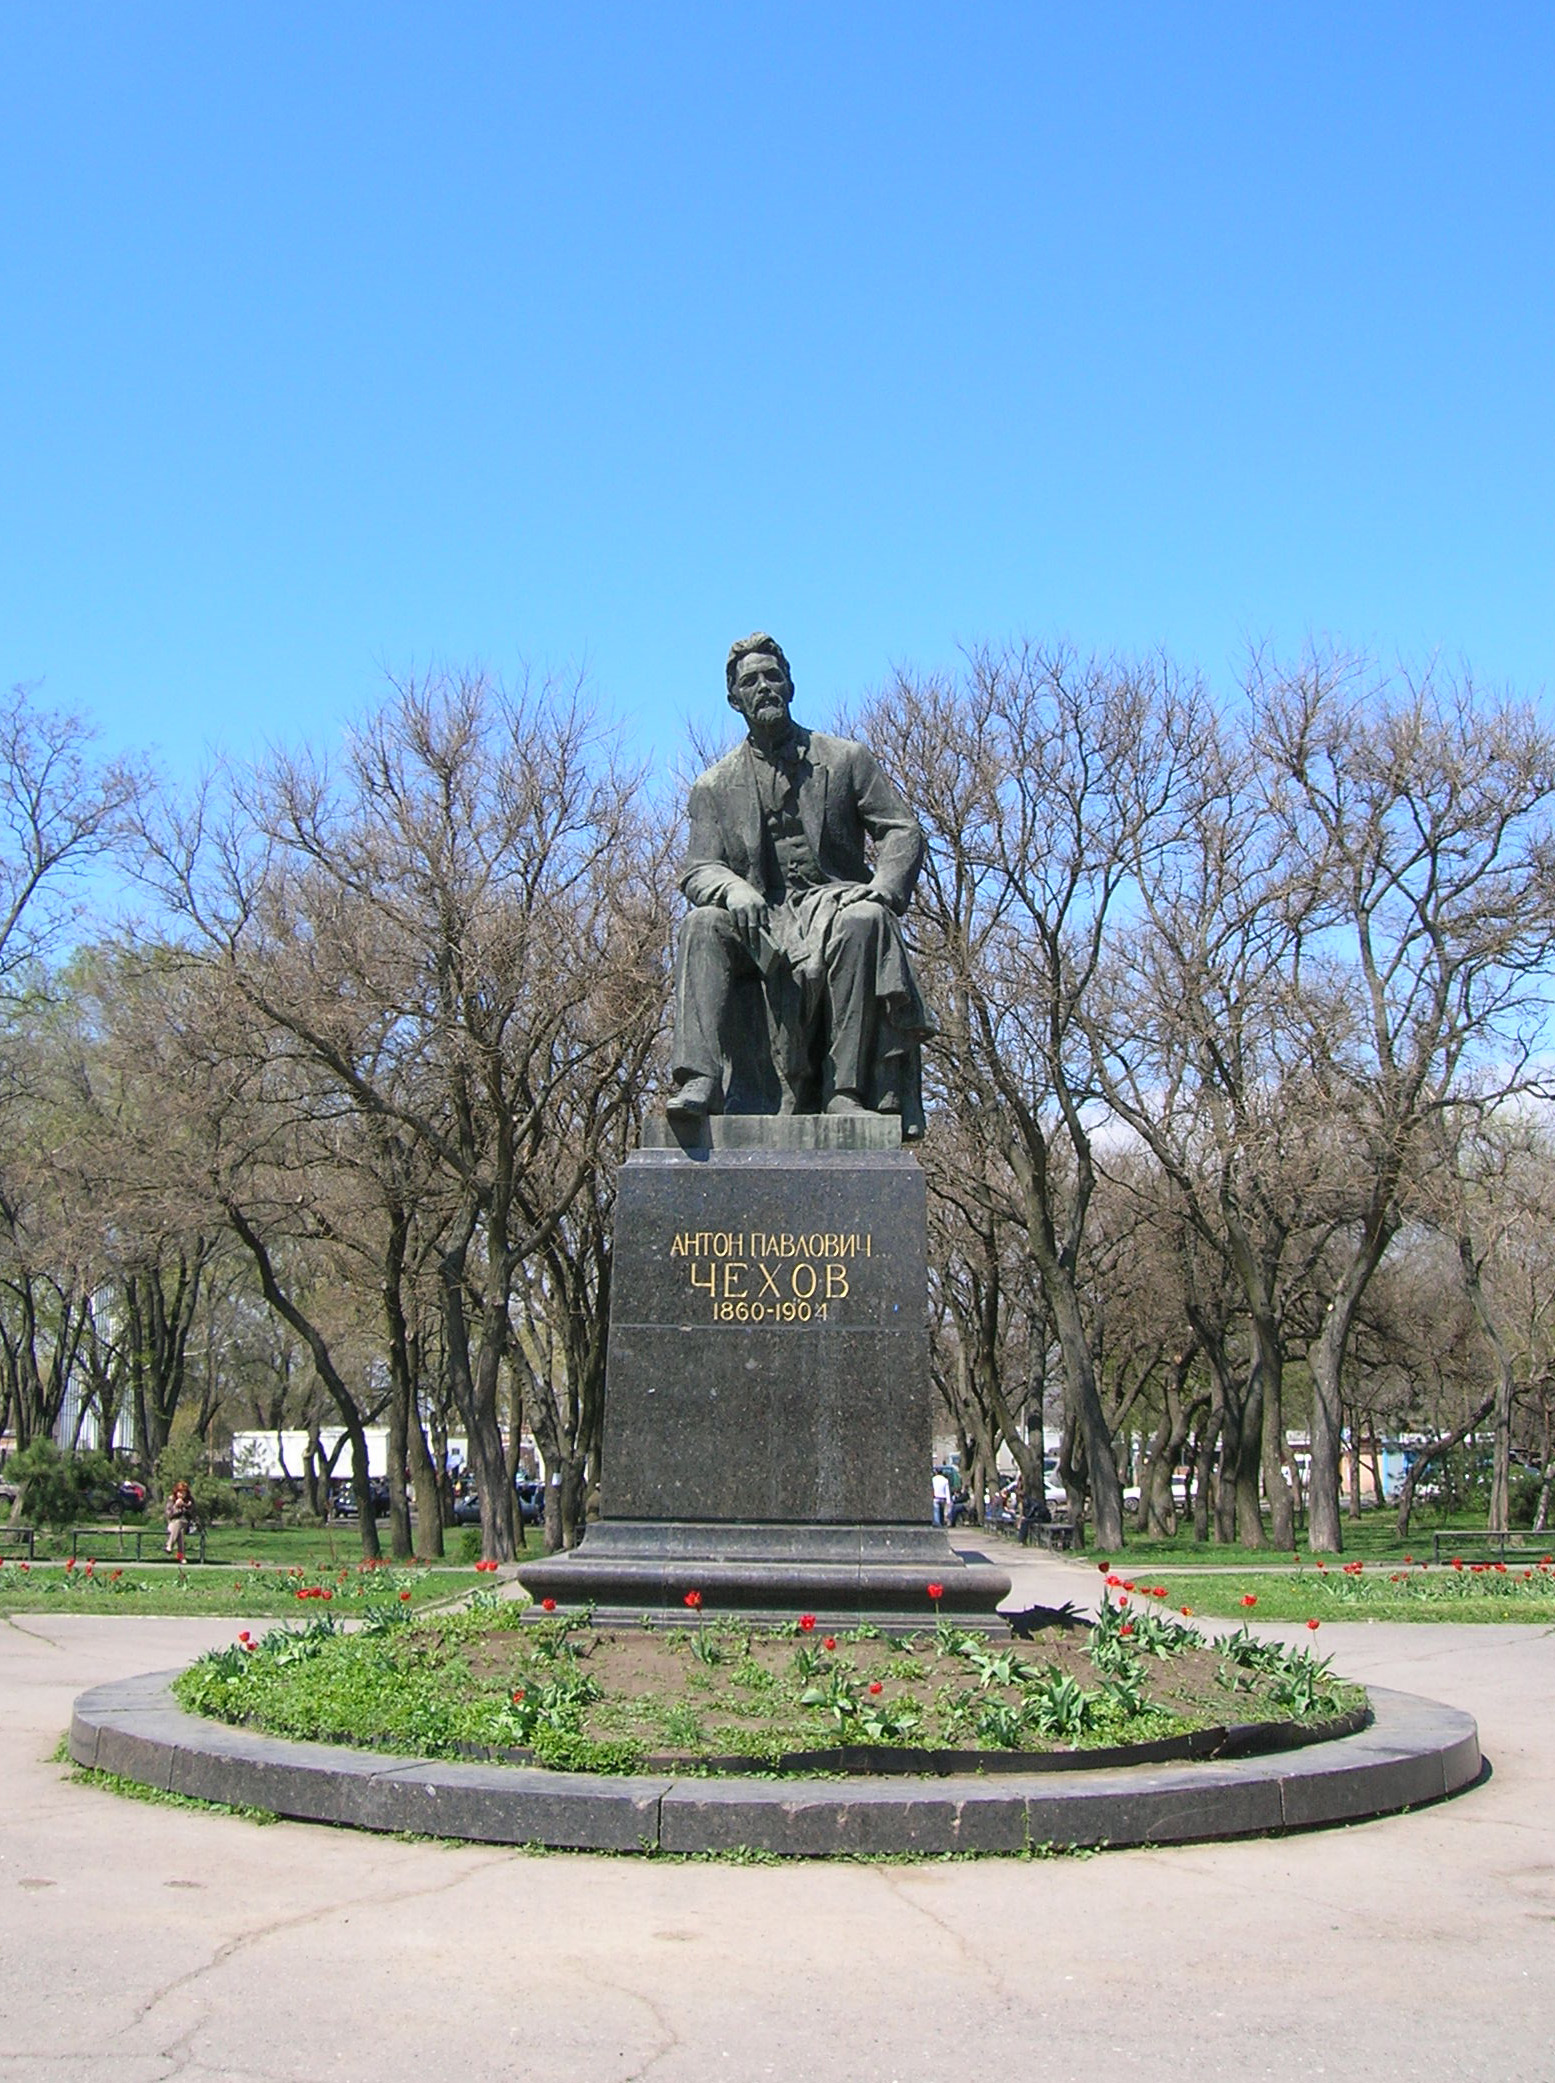 Памятник чехову в таганроге есть цены на памятники в симферополь импланты